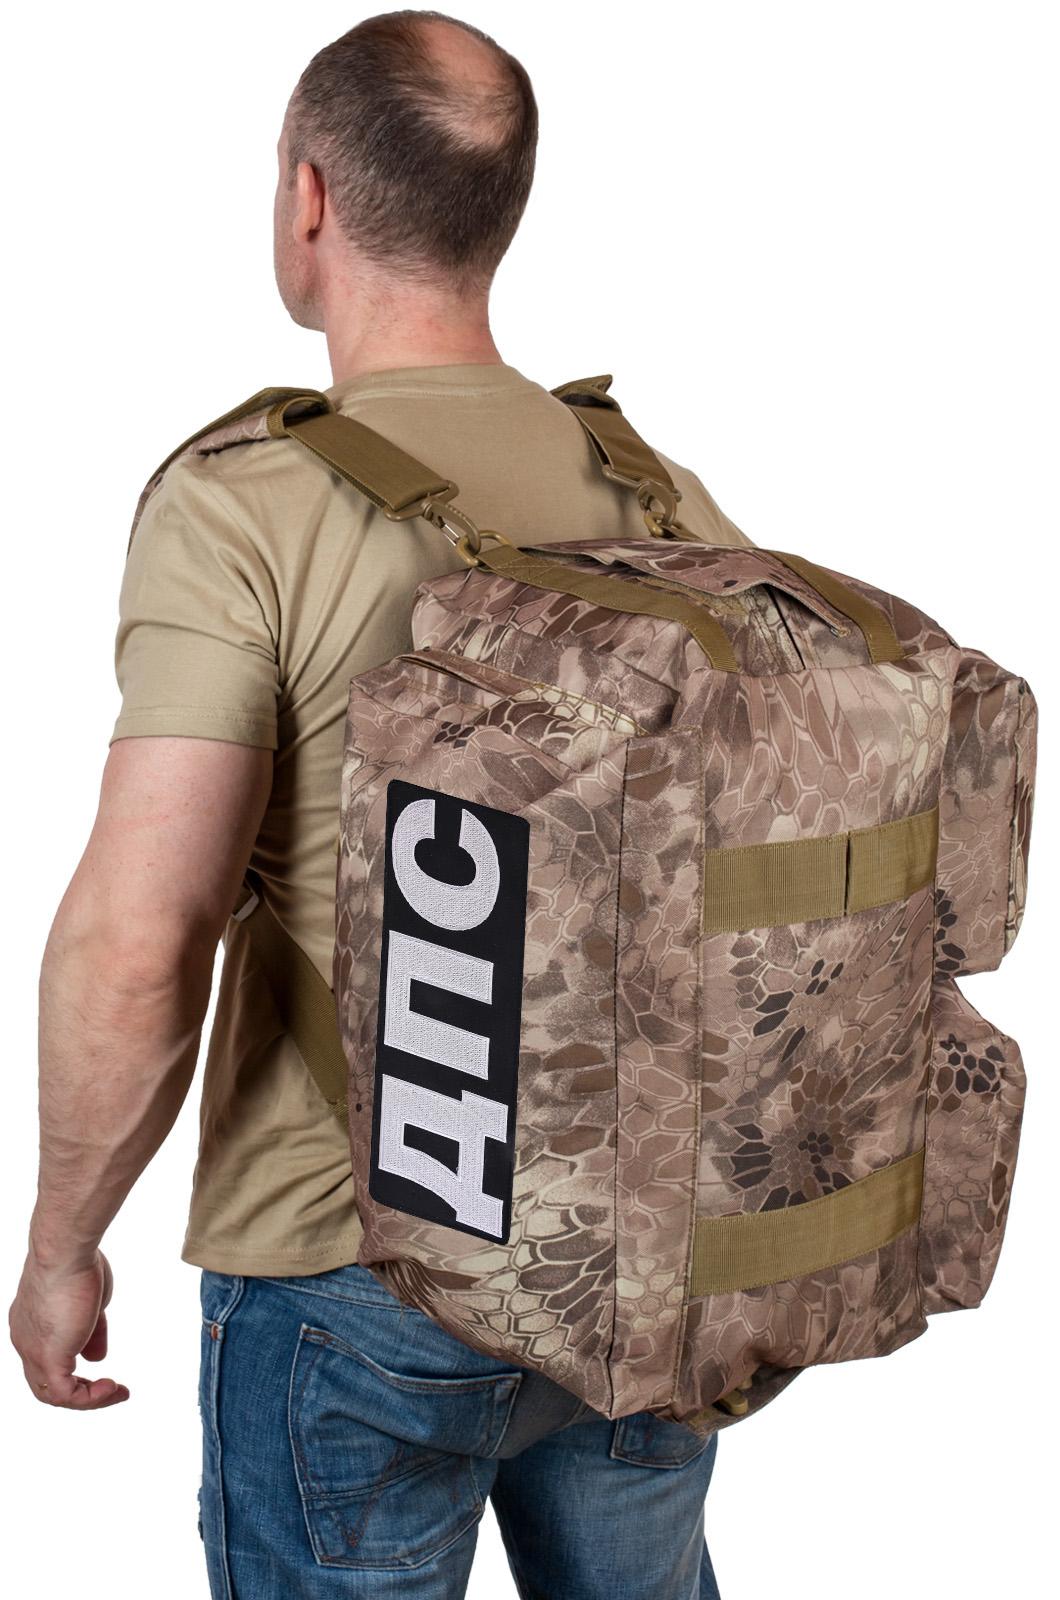 Купить тактическую дорожную сумку ДПС по экономичной цене